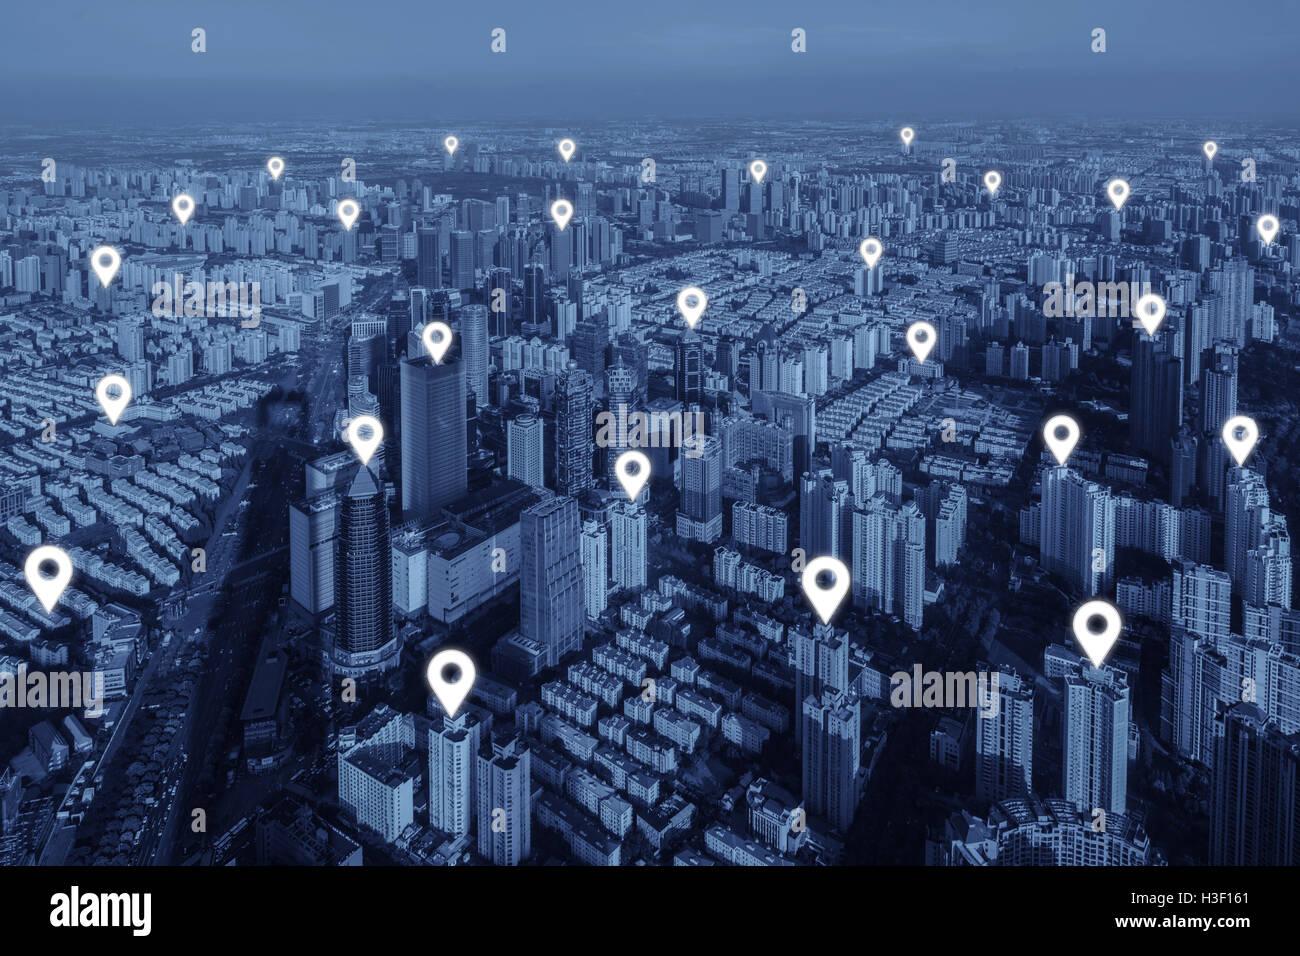 Mapa plano pin de conexión de red en la ciudad. Concepto de conexión de red. Imagen De Stock